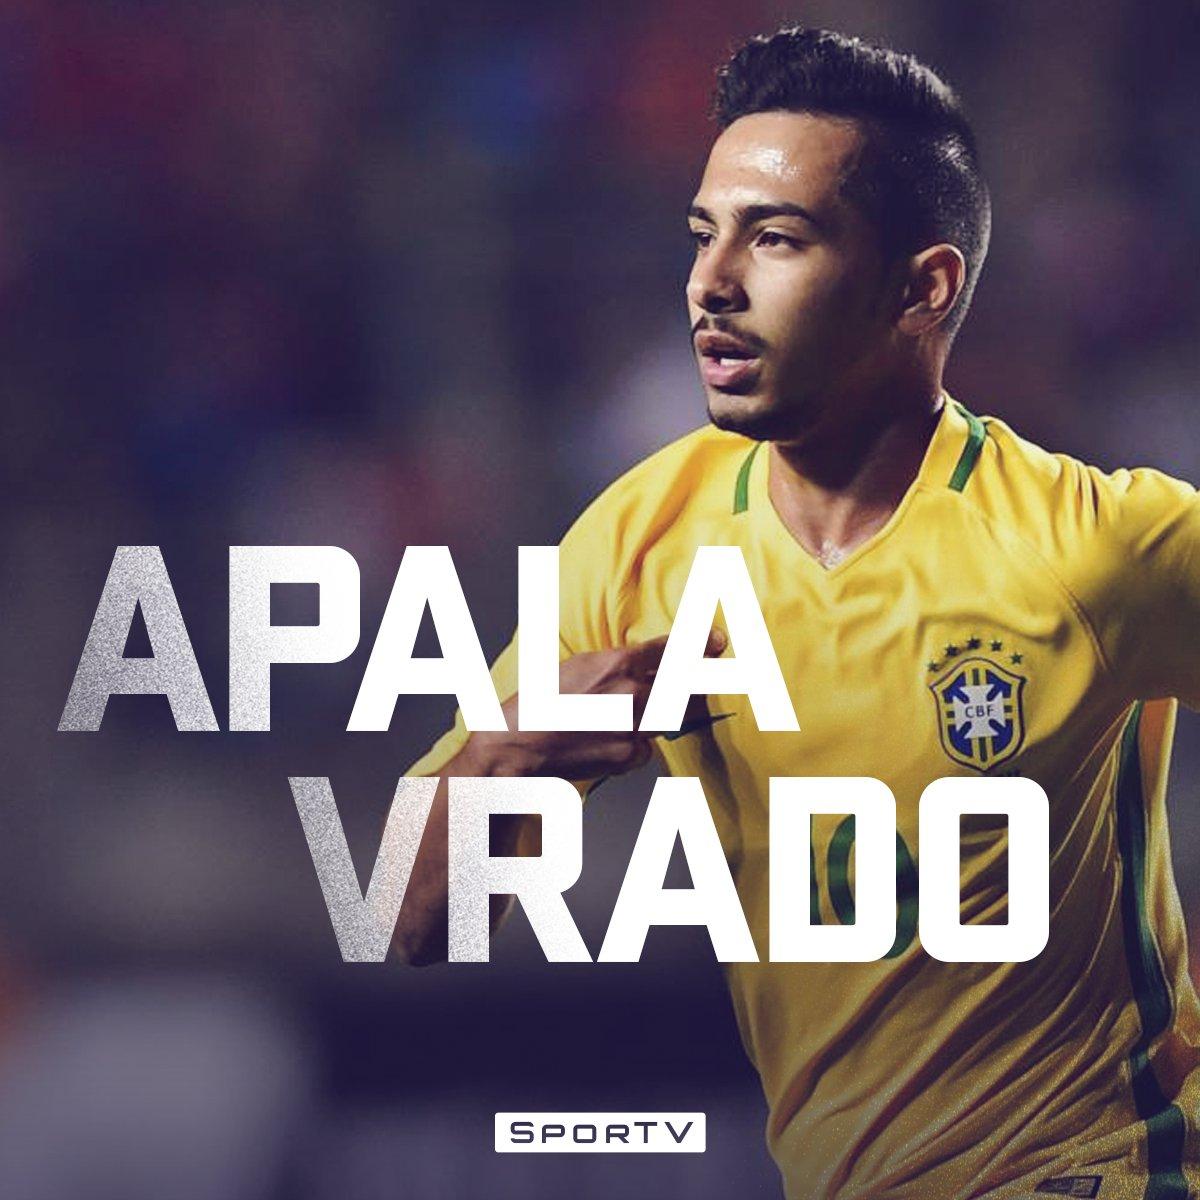 Segundo a imprensa espanhola, o meia Alanzinho, do Palmeiras, está apalavrado com o Real Madrid! Vai fazer dupla com Vinicius Junior?